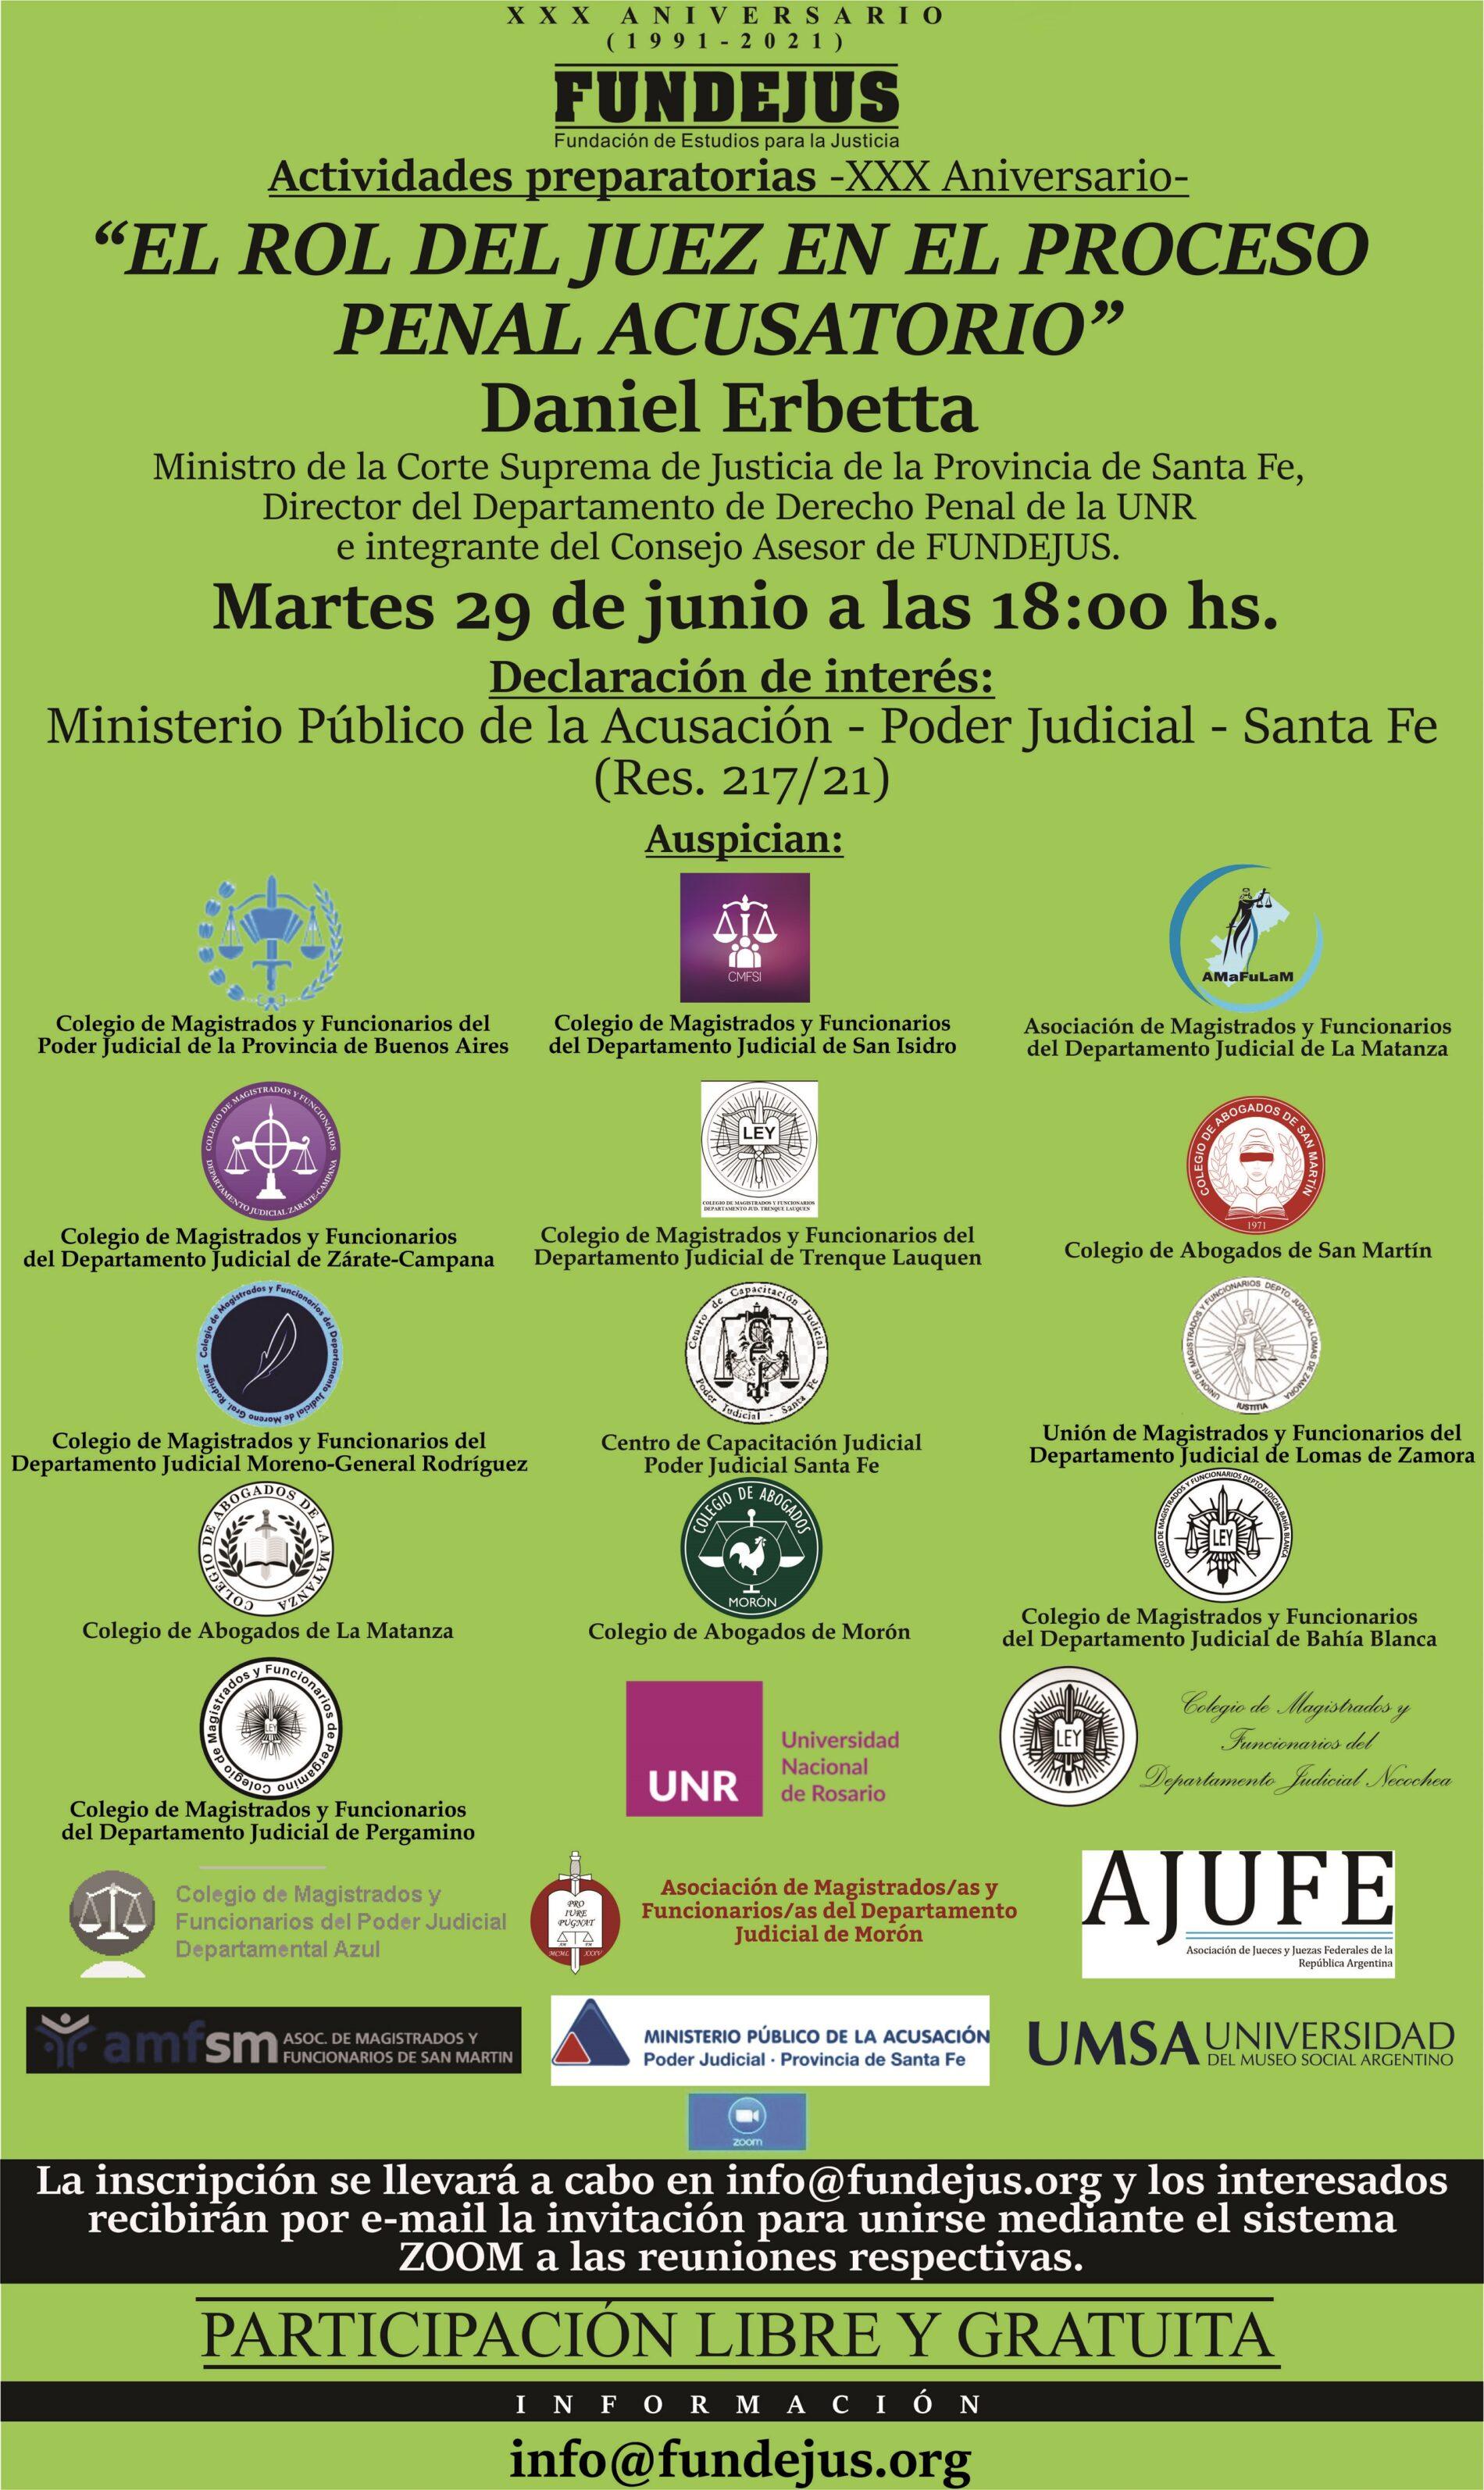 Actividad: «EL ROL DE JUEZ EN EL PROCESO PENAL ACUSATORIO»